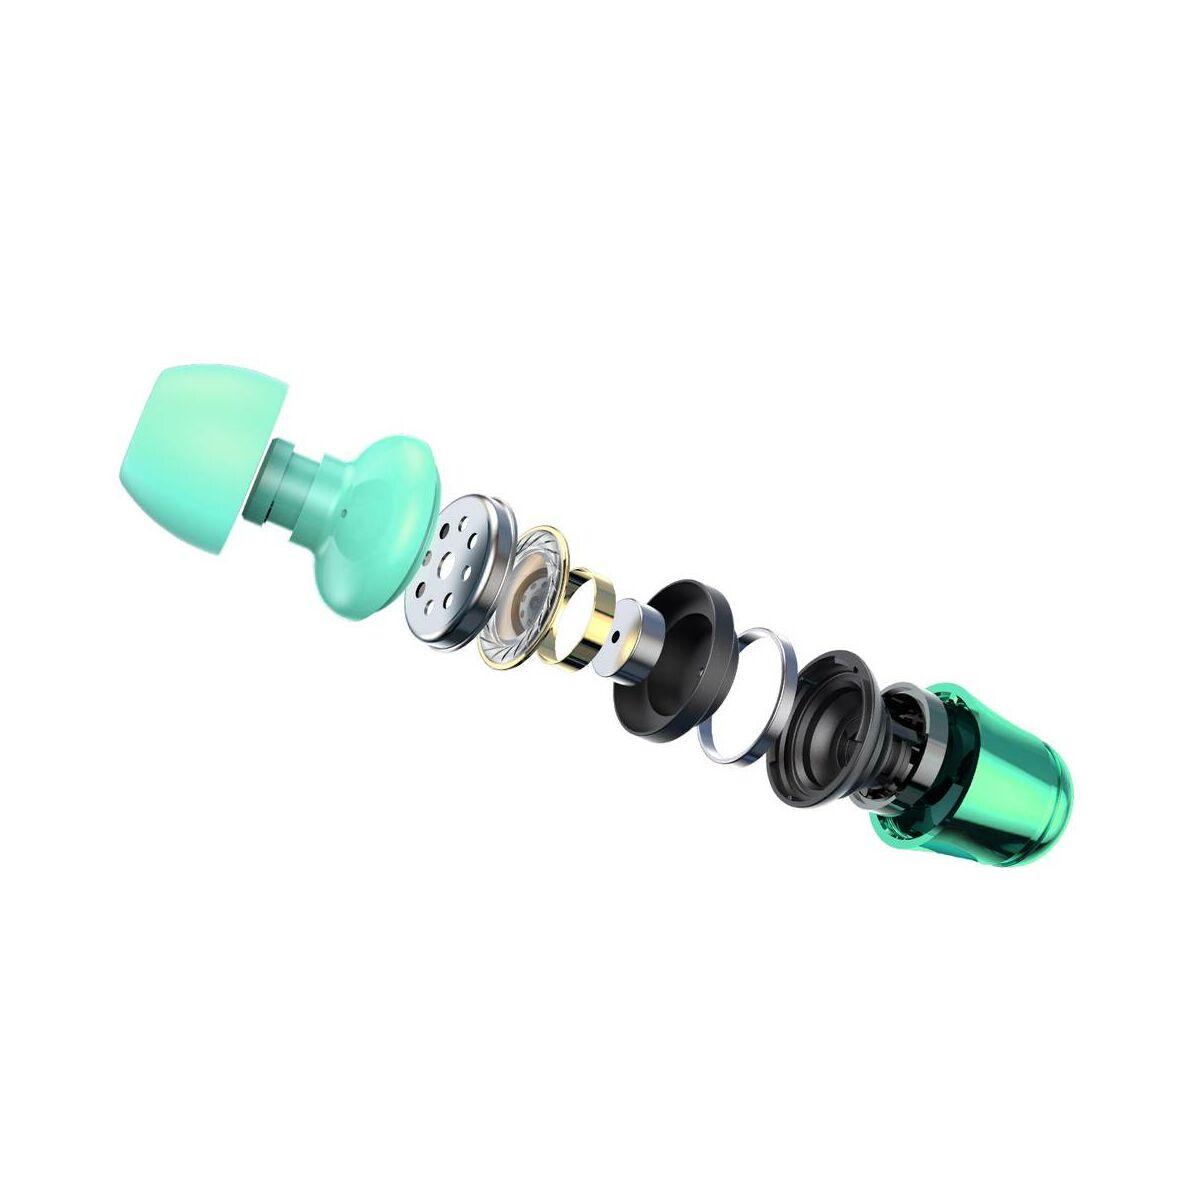 Baseus fülhallgató, Encok H13, vezetékes, vezérlővel, zöld (NGH13-06)